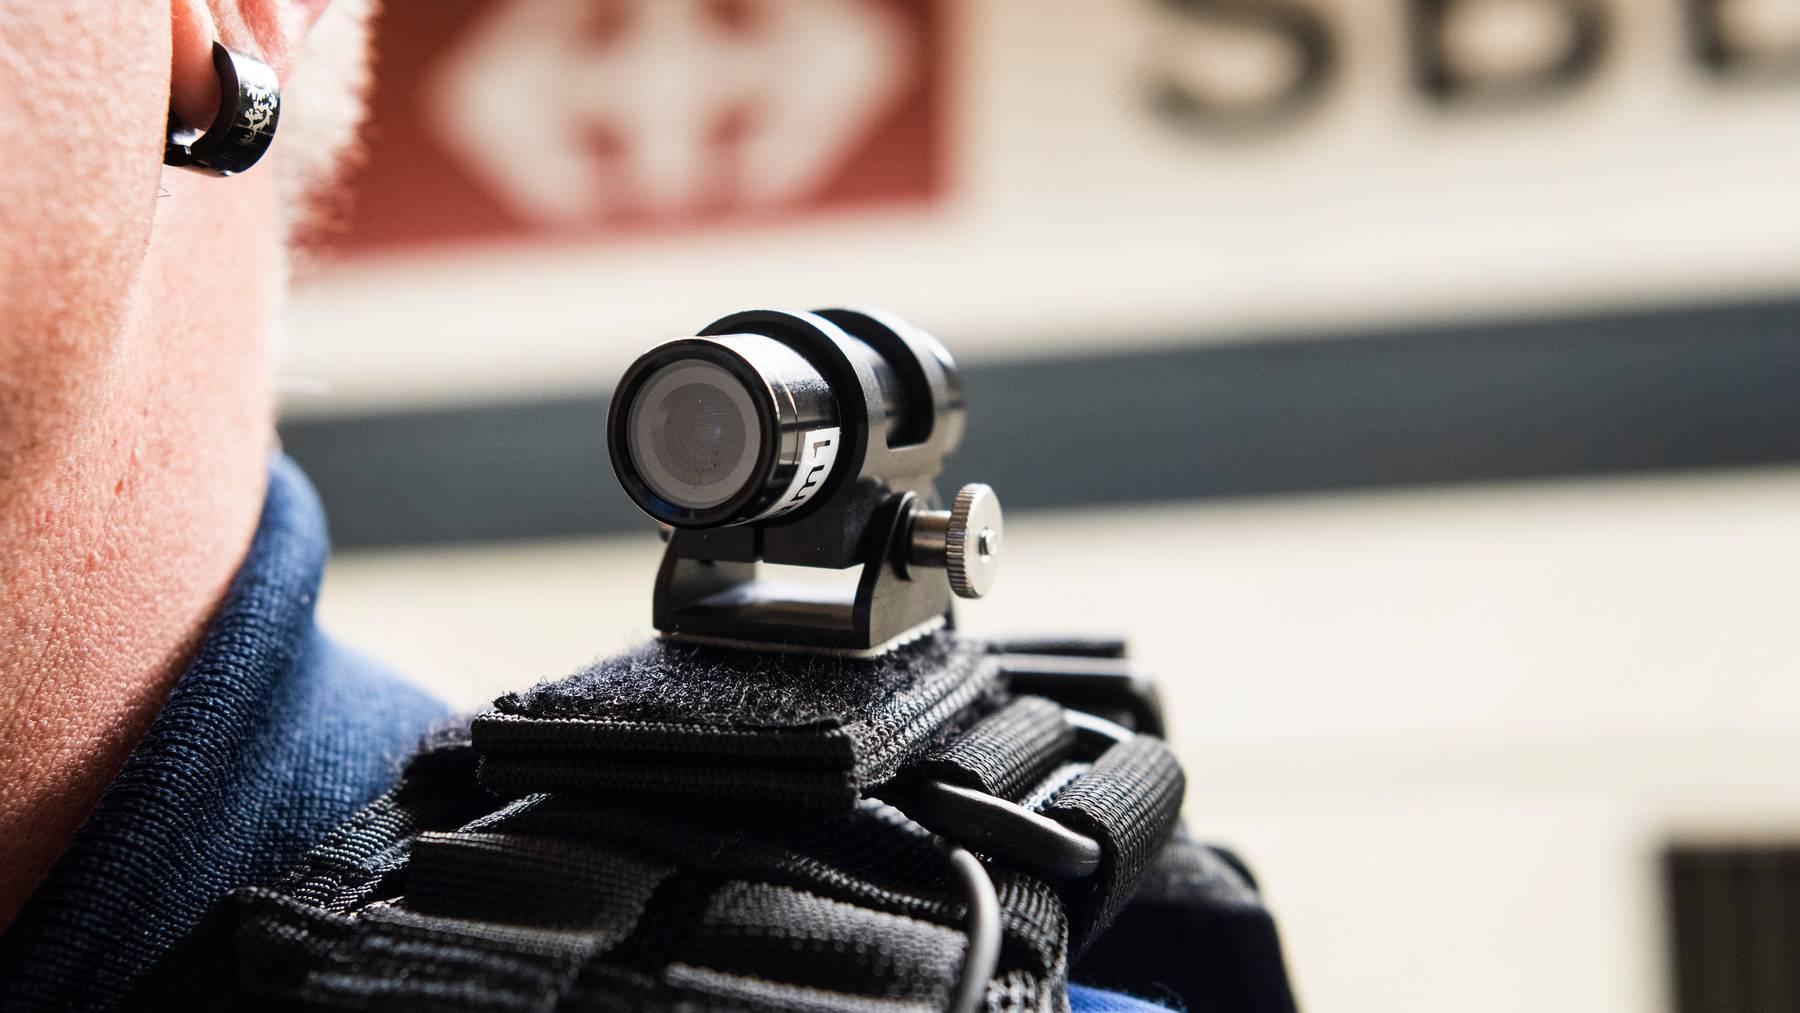 Schon 2017 war die Transportpolizei kurzzeitig mit kleinen Kameras ausgestattet.